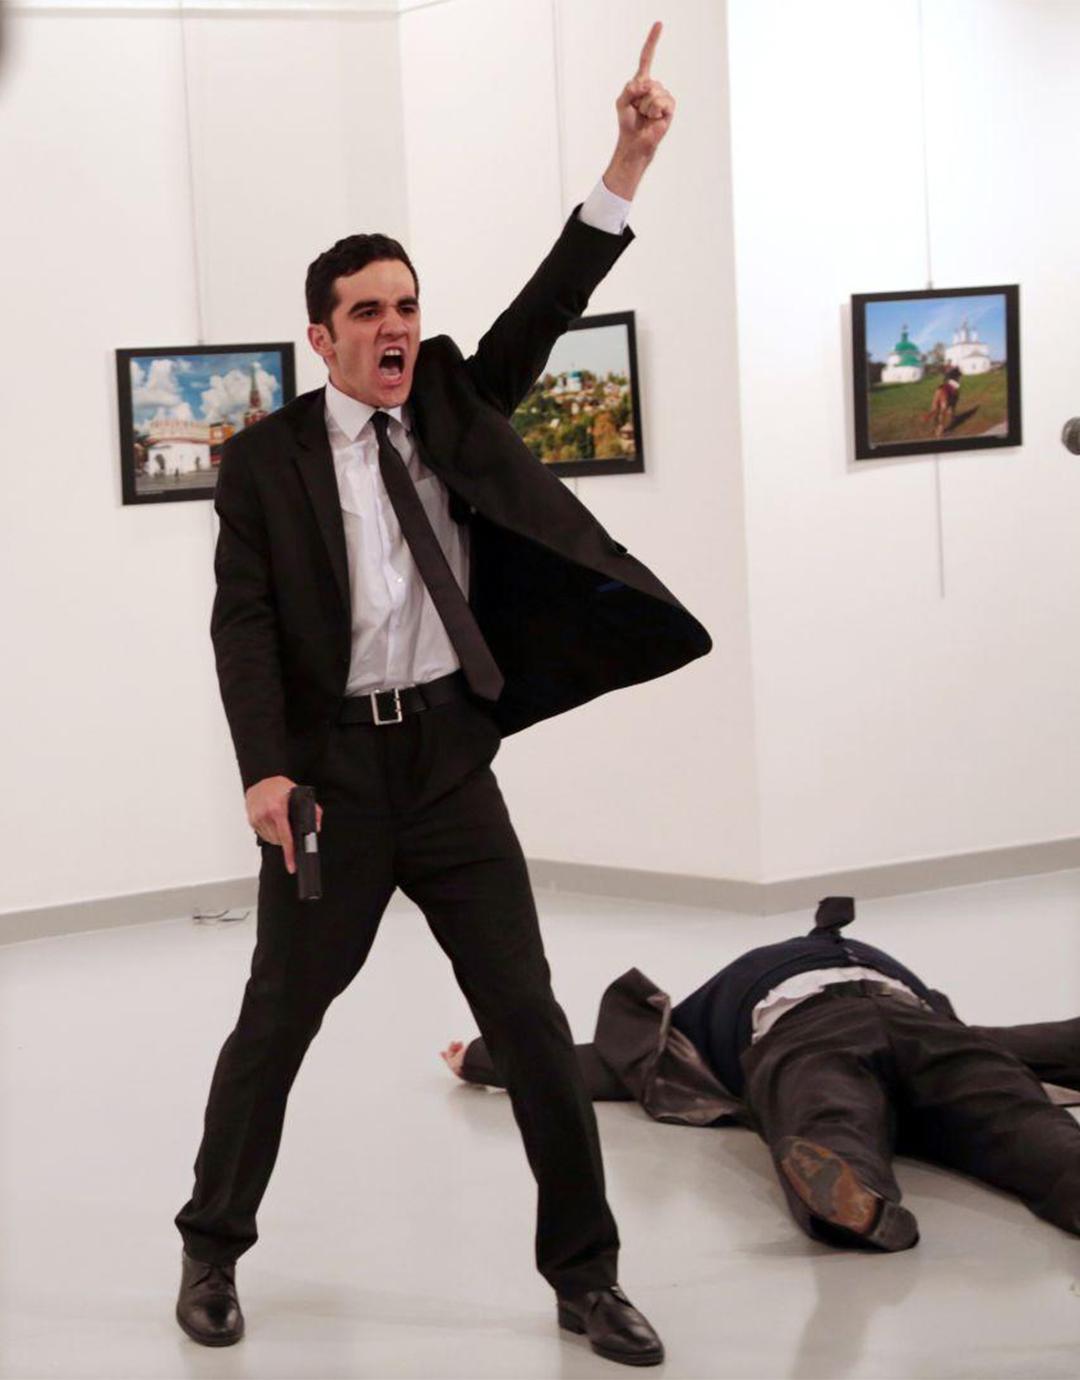 2016年12月19日,在土耳其的一家畫廊內,22歲的休班警員Mevlüt Mert Altıntaş射殺俄羅斯駐土耳其大使Andrey Karlov,並大聲呼喊。